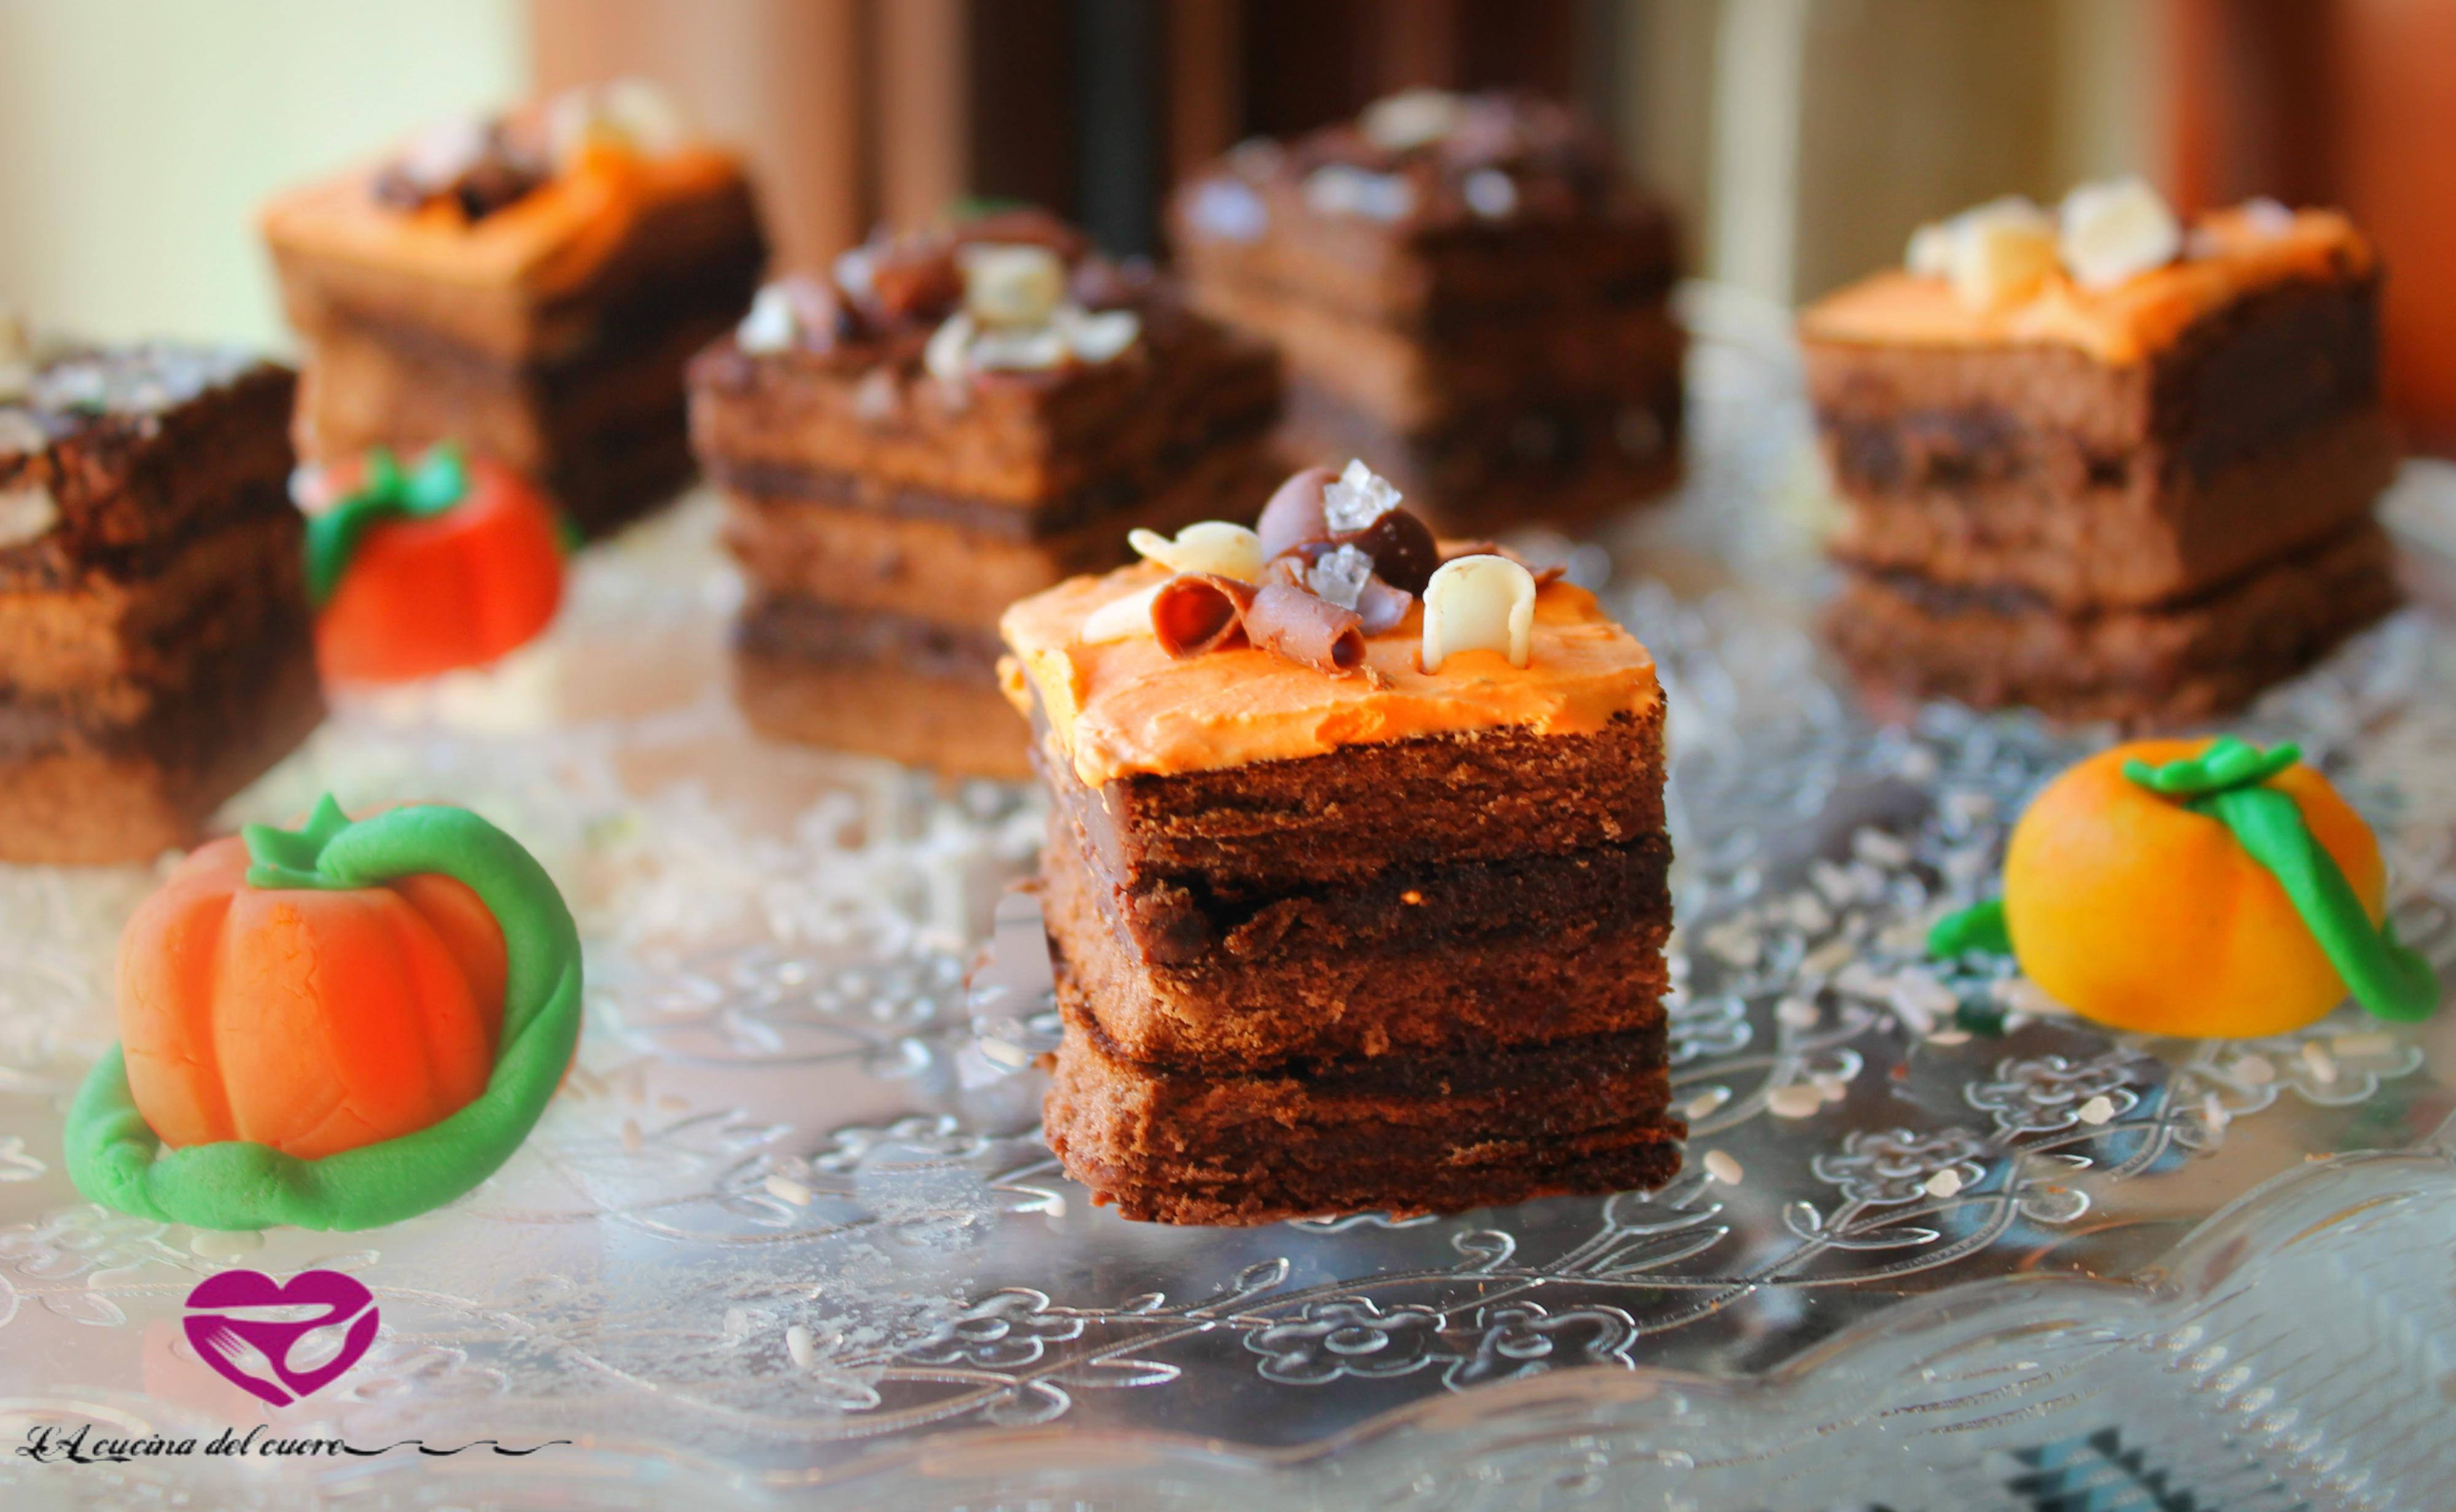 Ricerca ricette con sacher al cioccolato bianco - La cucina del cuore ...